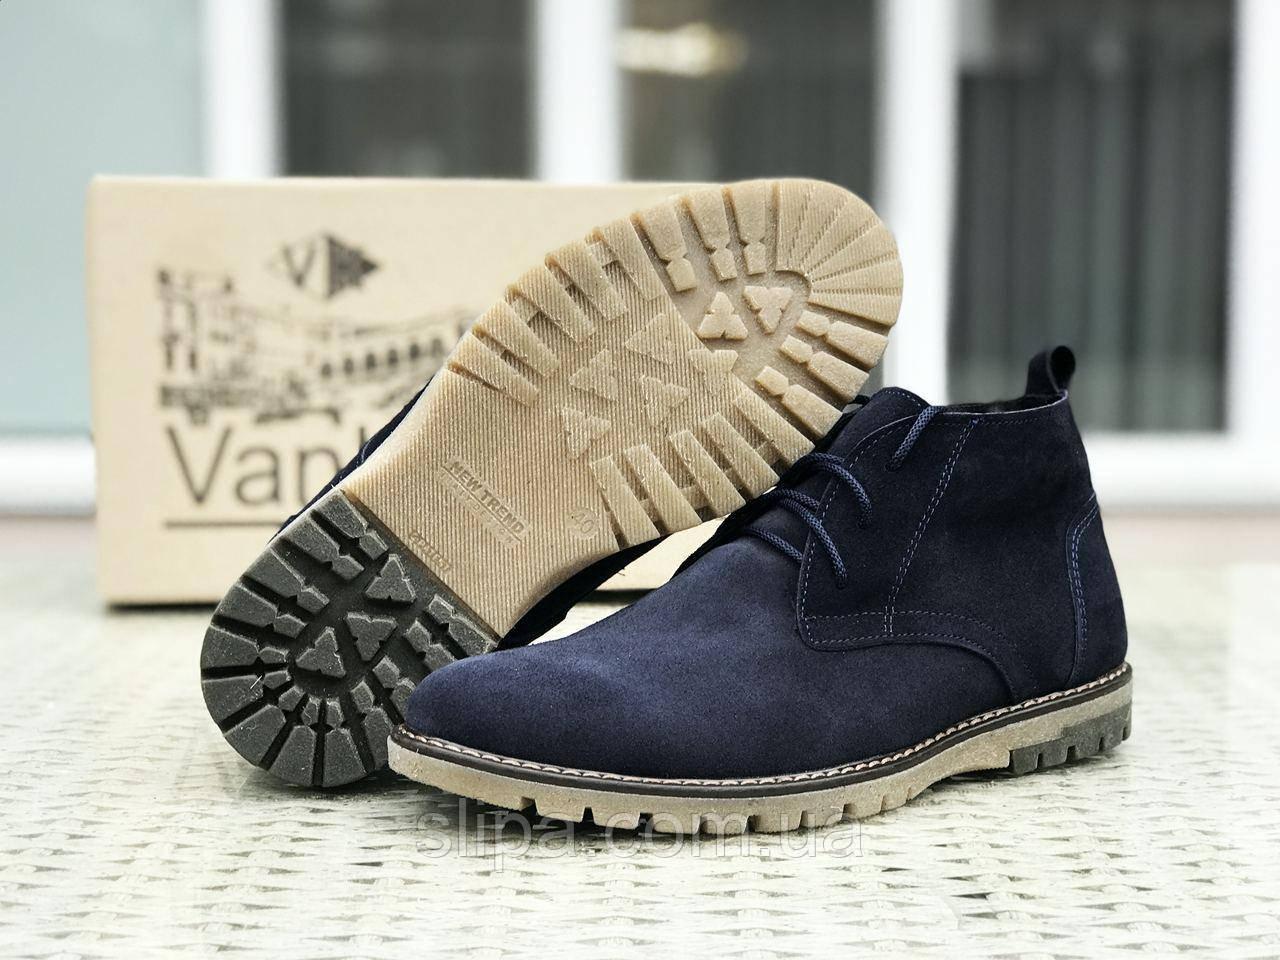 Мужские замшевые туфли Vankristi тёмно синие